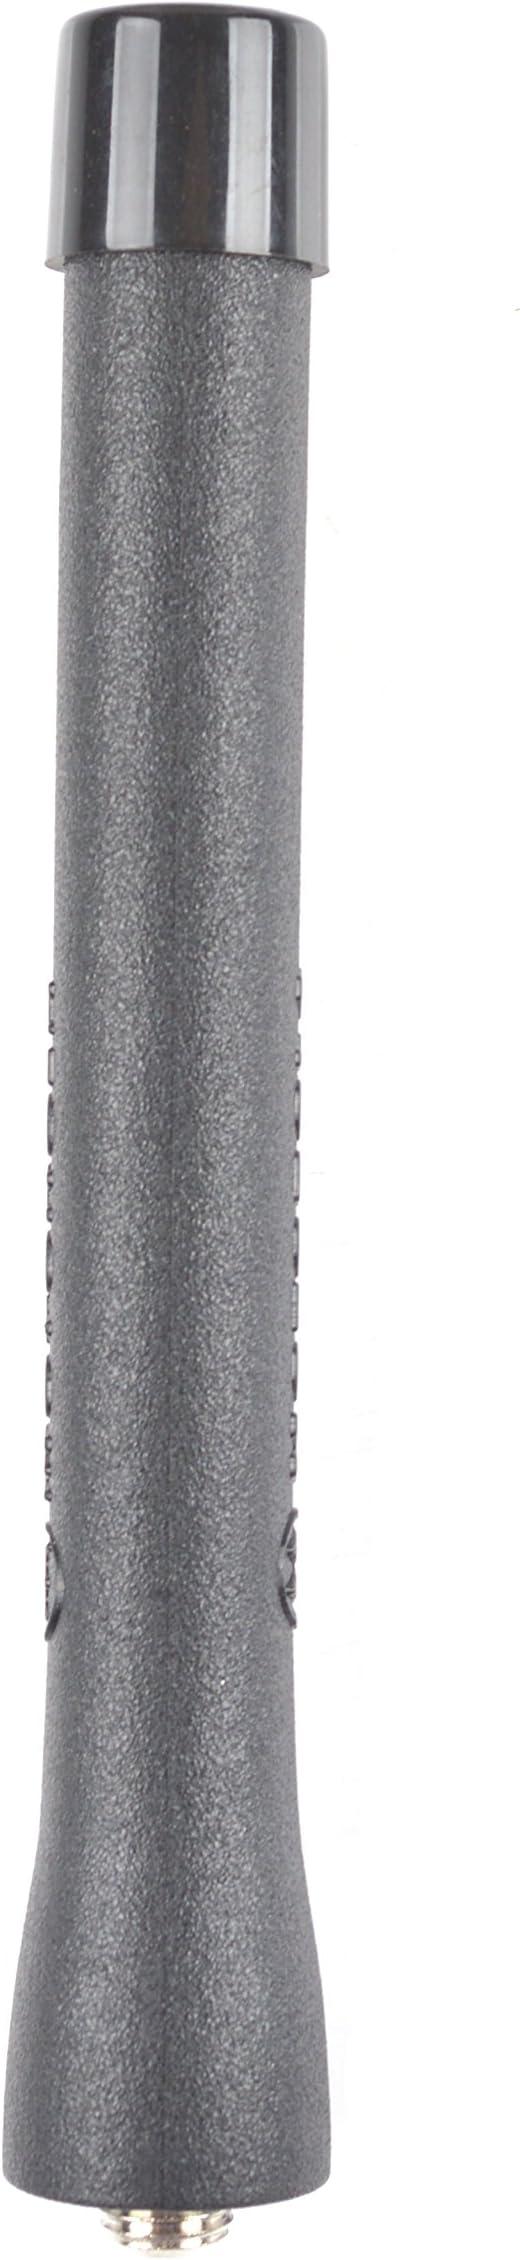 5*NAE6522 Antenna For Motorola CP140 CP150 CP200 P210 EX500 EX600 GP300 Radio